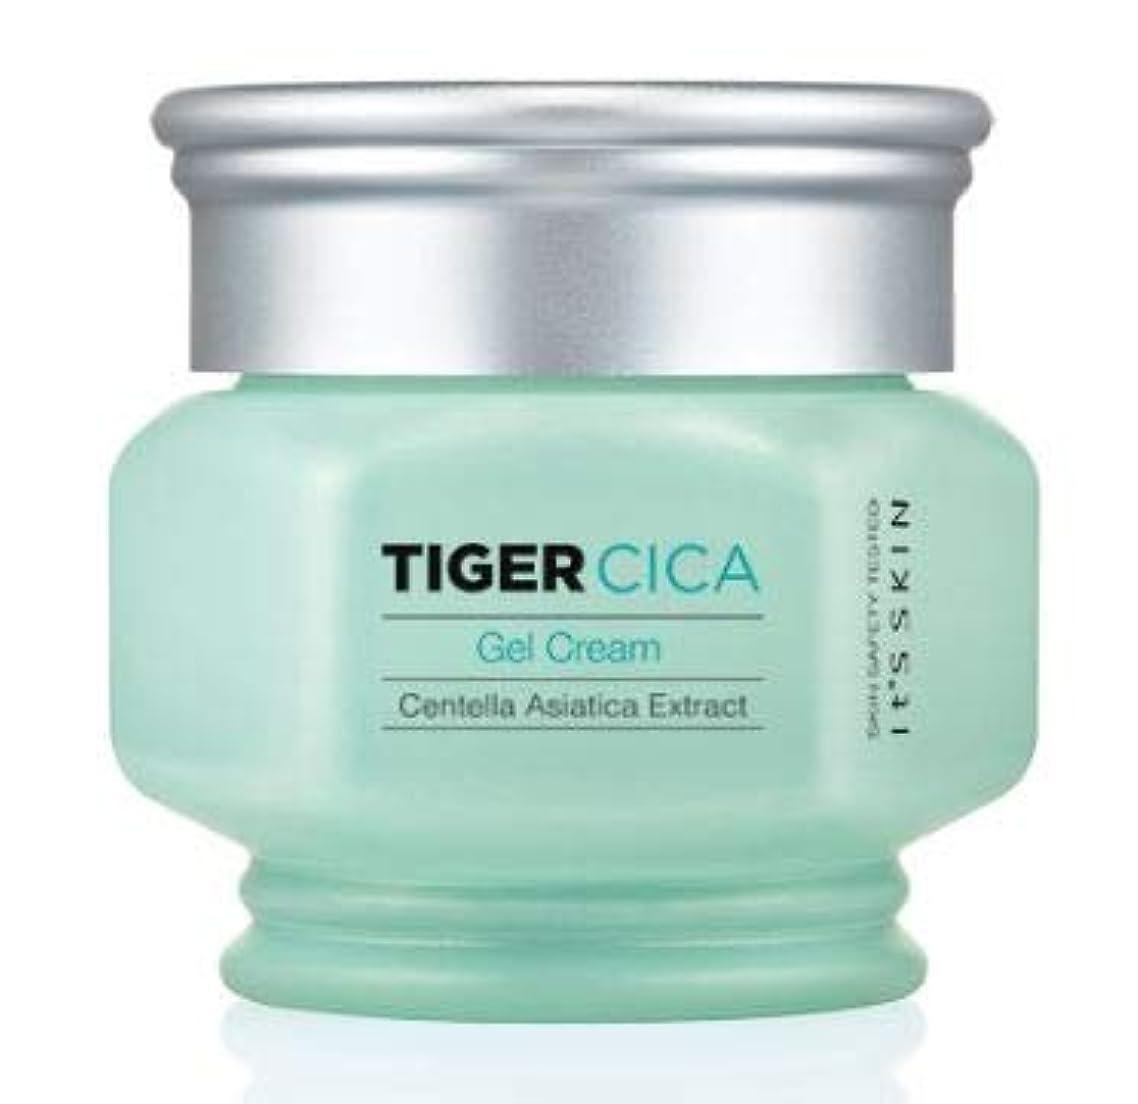 リダクターカナダタワー[It's Skin] Tiger Cica Gel Cream /[イッツスキン] タイガーシカ ジェル クリーム [並行輸入品]